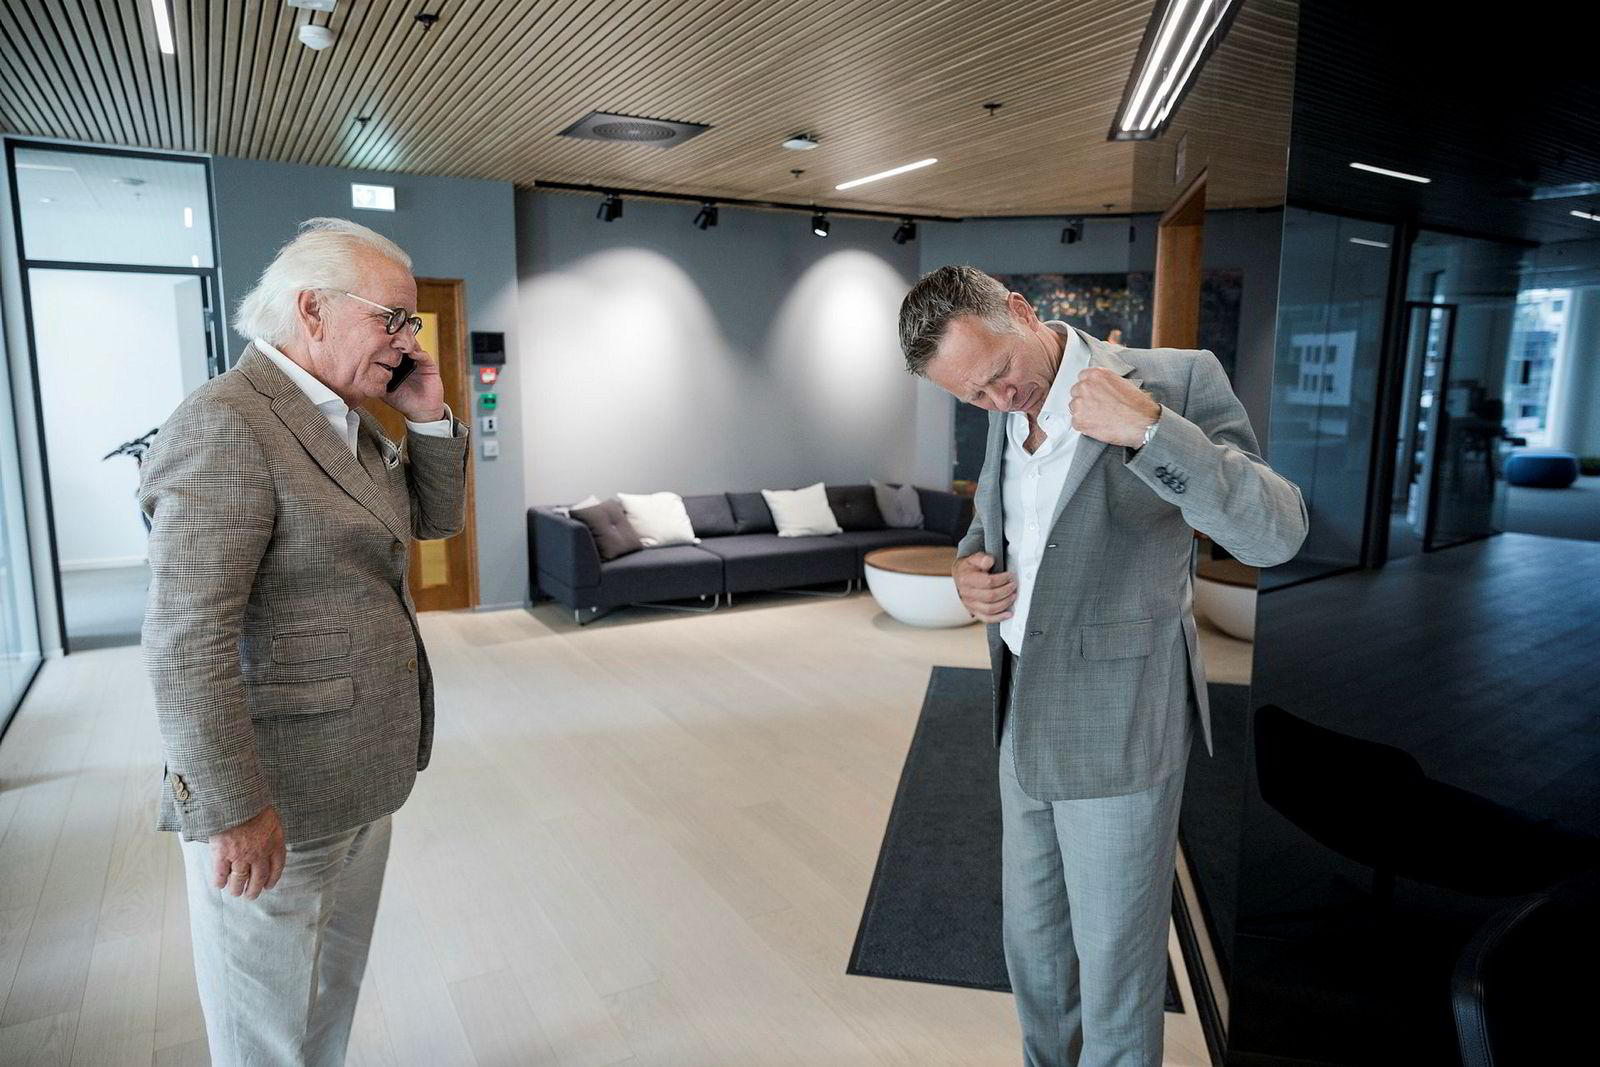 Fra venstre til høyre, Jan Alsén grunnlegger av Morris Stockholm og Dag Teigland daglig leder i Holta Invest. Dag Teigland mottok kompliment for dressen sin og leter ivrig etter merket.